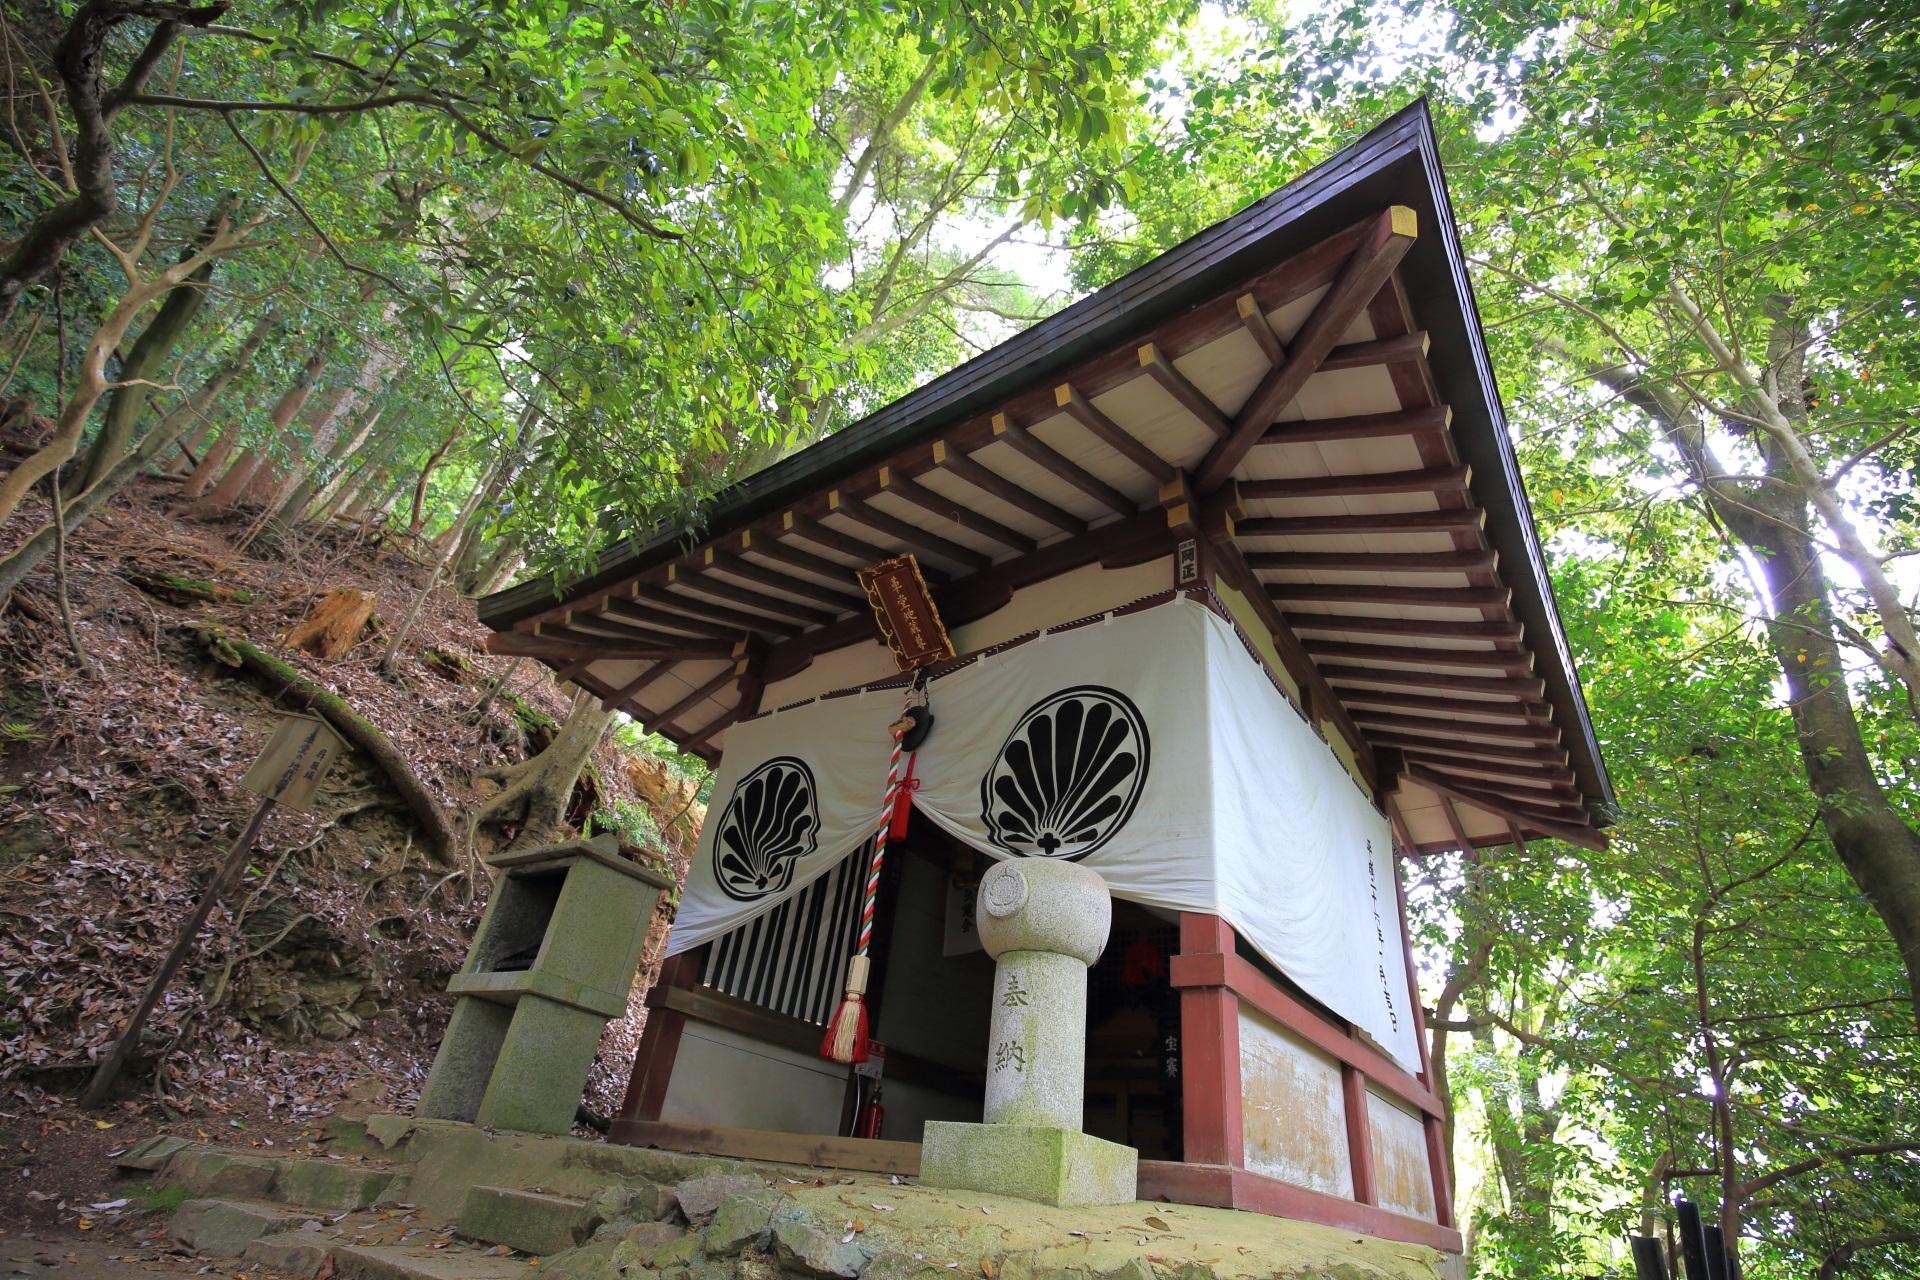 鞍馬山の素晴らしい木の根道や自然の情景やお堂